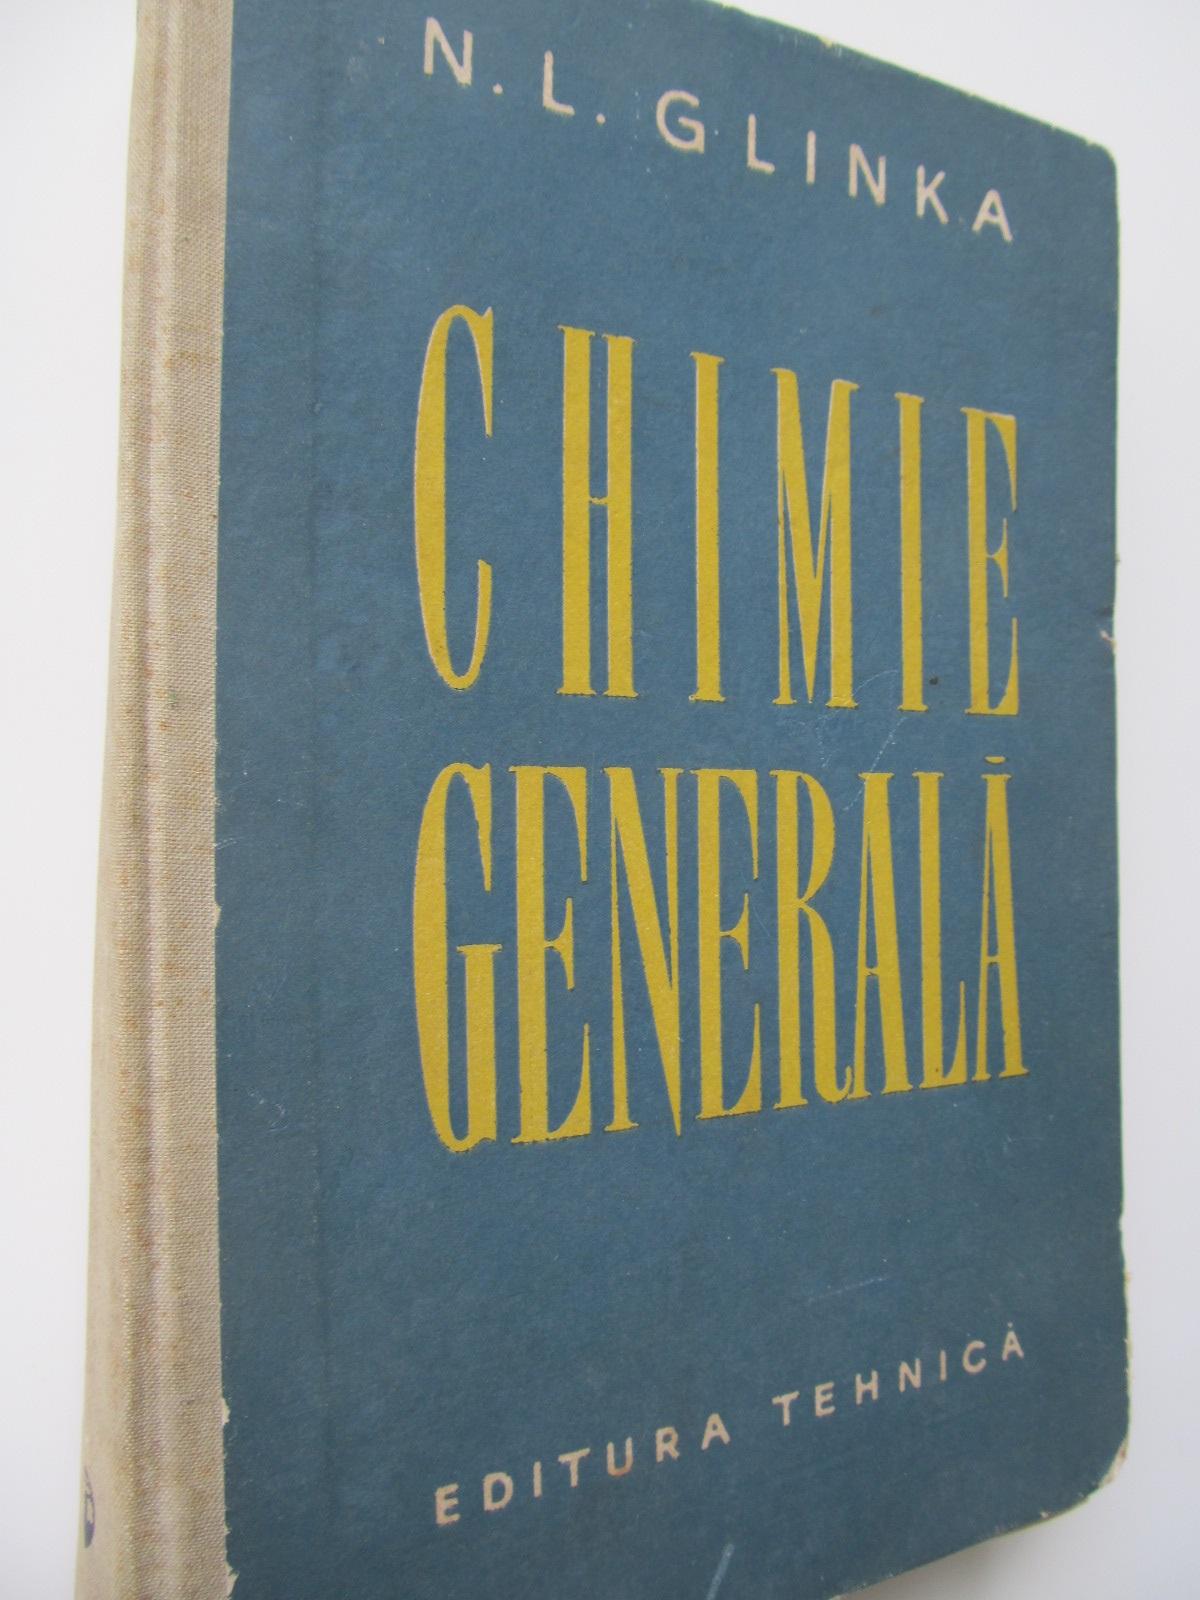 Chimie generala - N. L. Glinka | Detalii carte